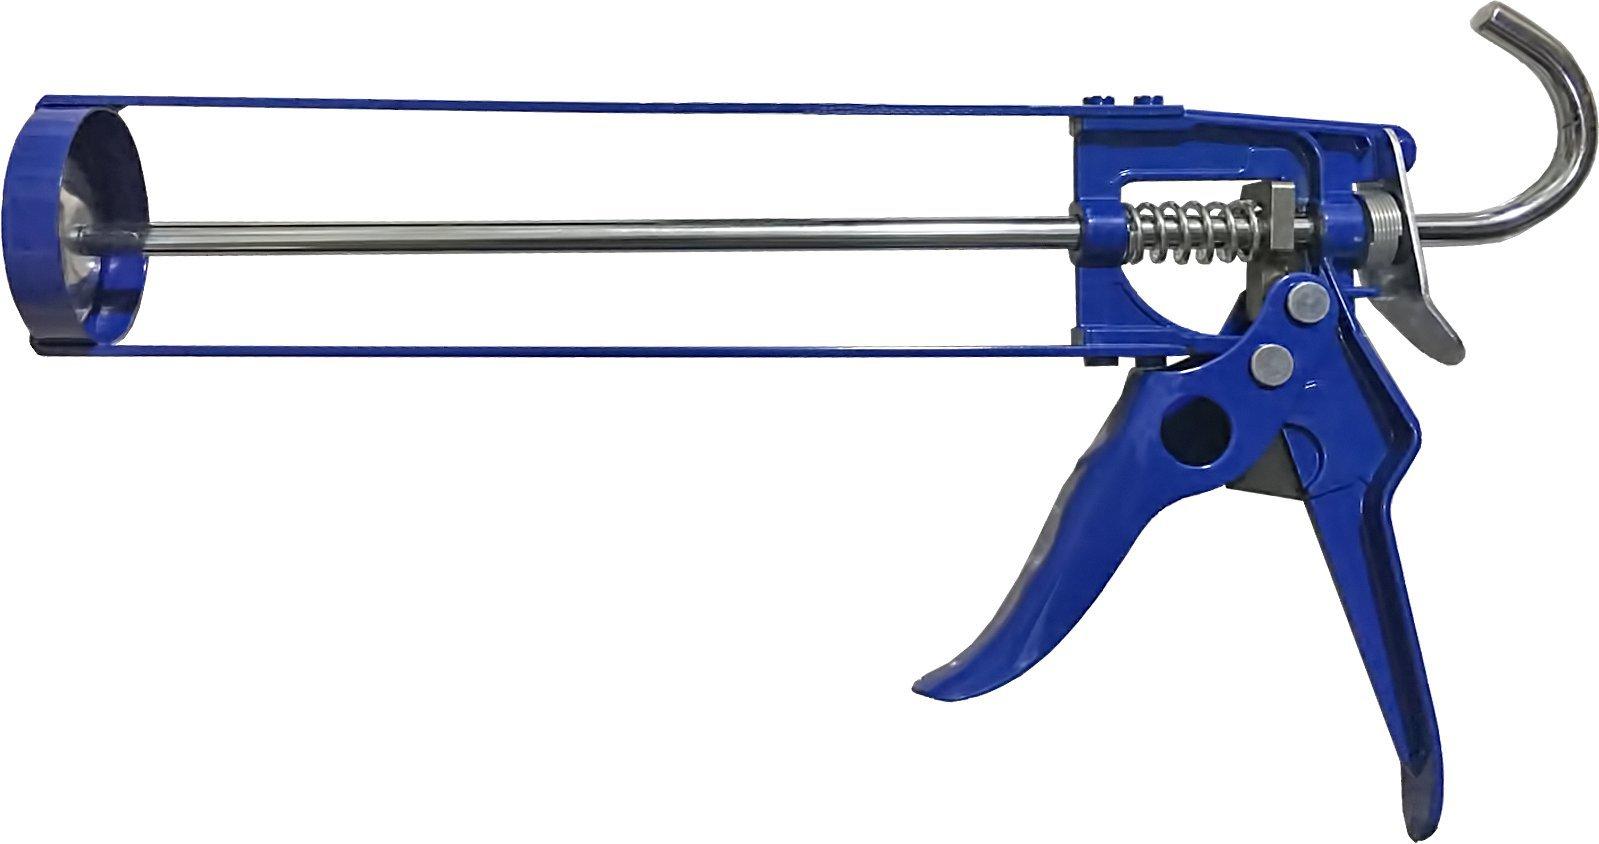 Клейкая лента (скотч), силикон, пена, уплотнитель, утеплитель Пистолет под силикон 403126_detail.jpg